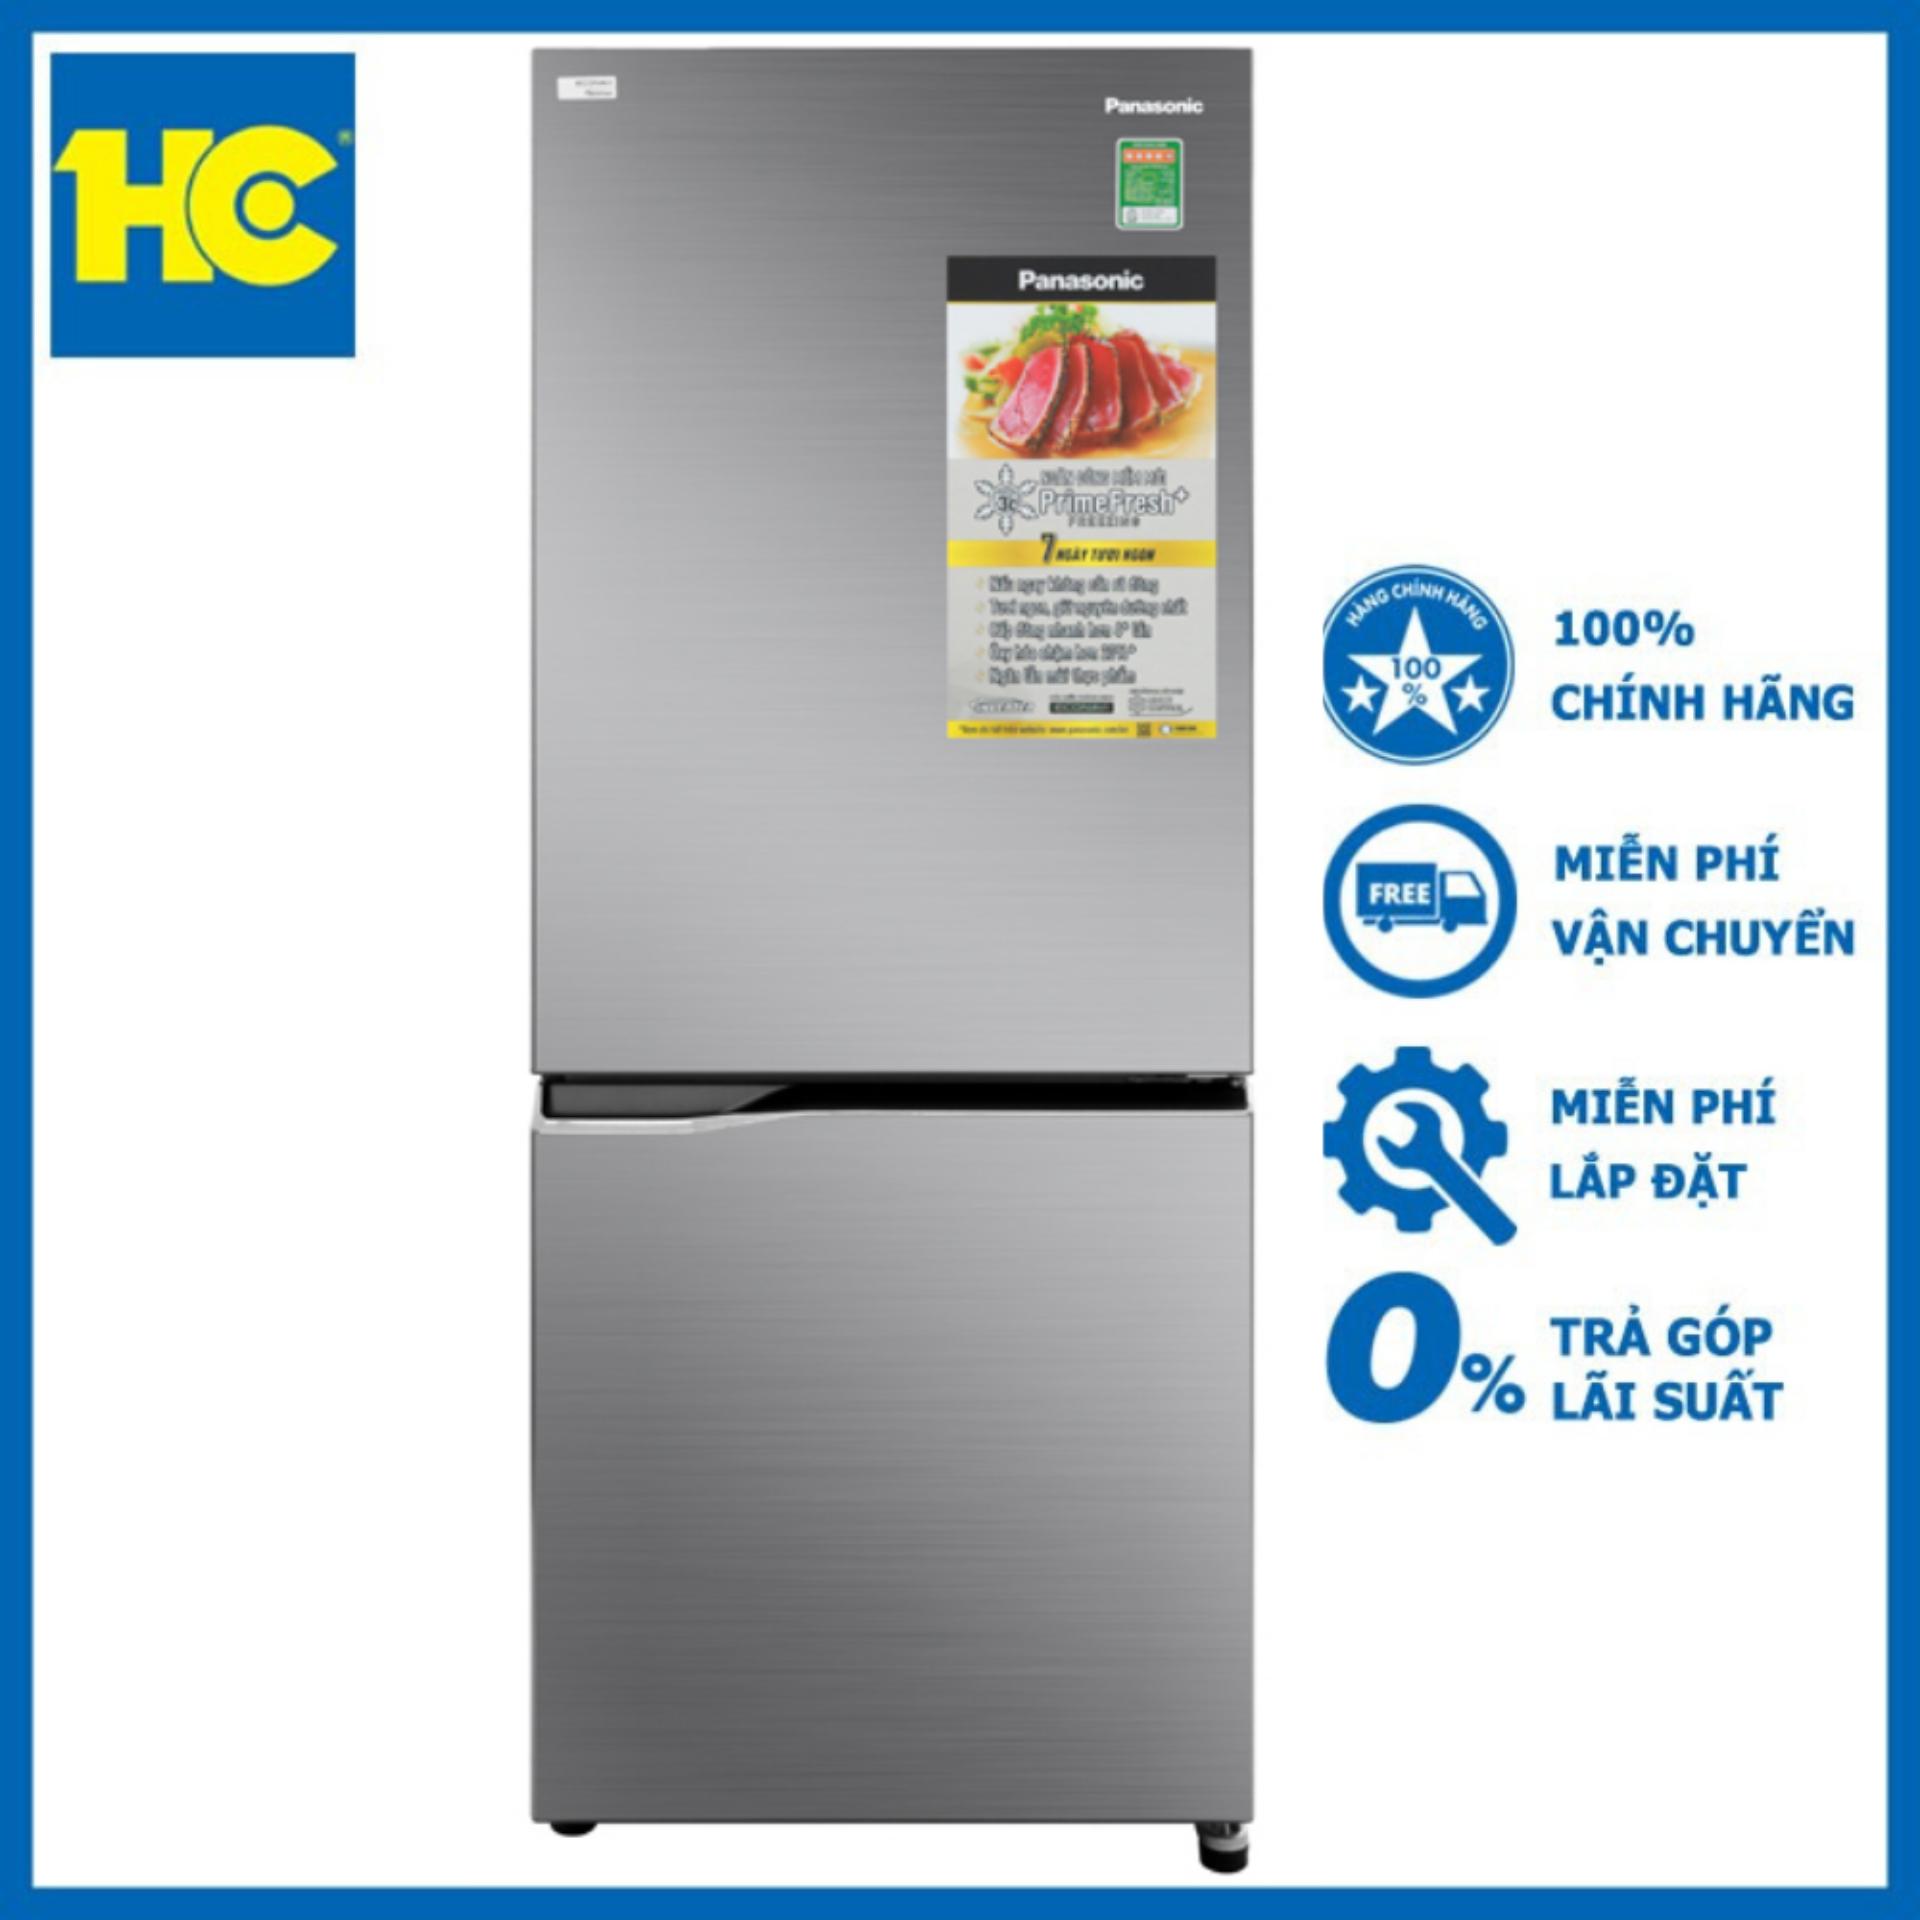 Tủ lạnh Panasonic Inverter 255 lít NR-BV280QSVN bạc – Miễn phí vận chuyển & lắp đặt – Bảo hành chính hãng